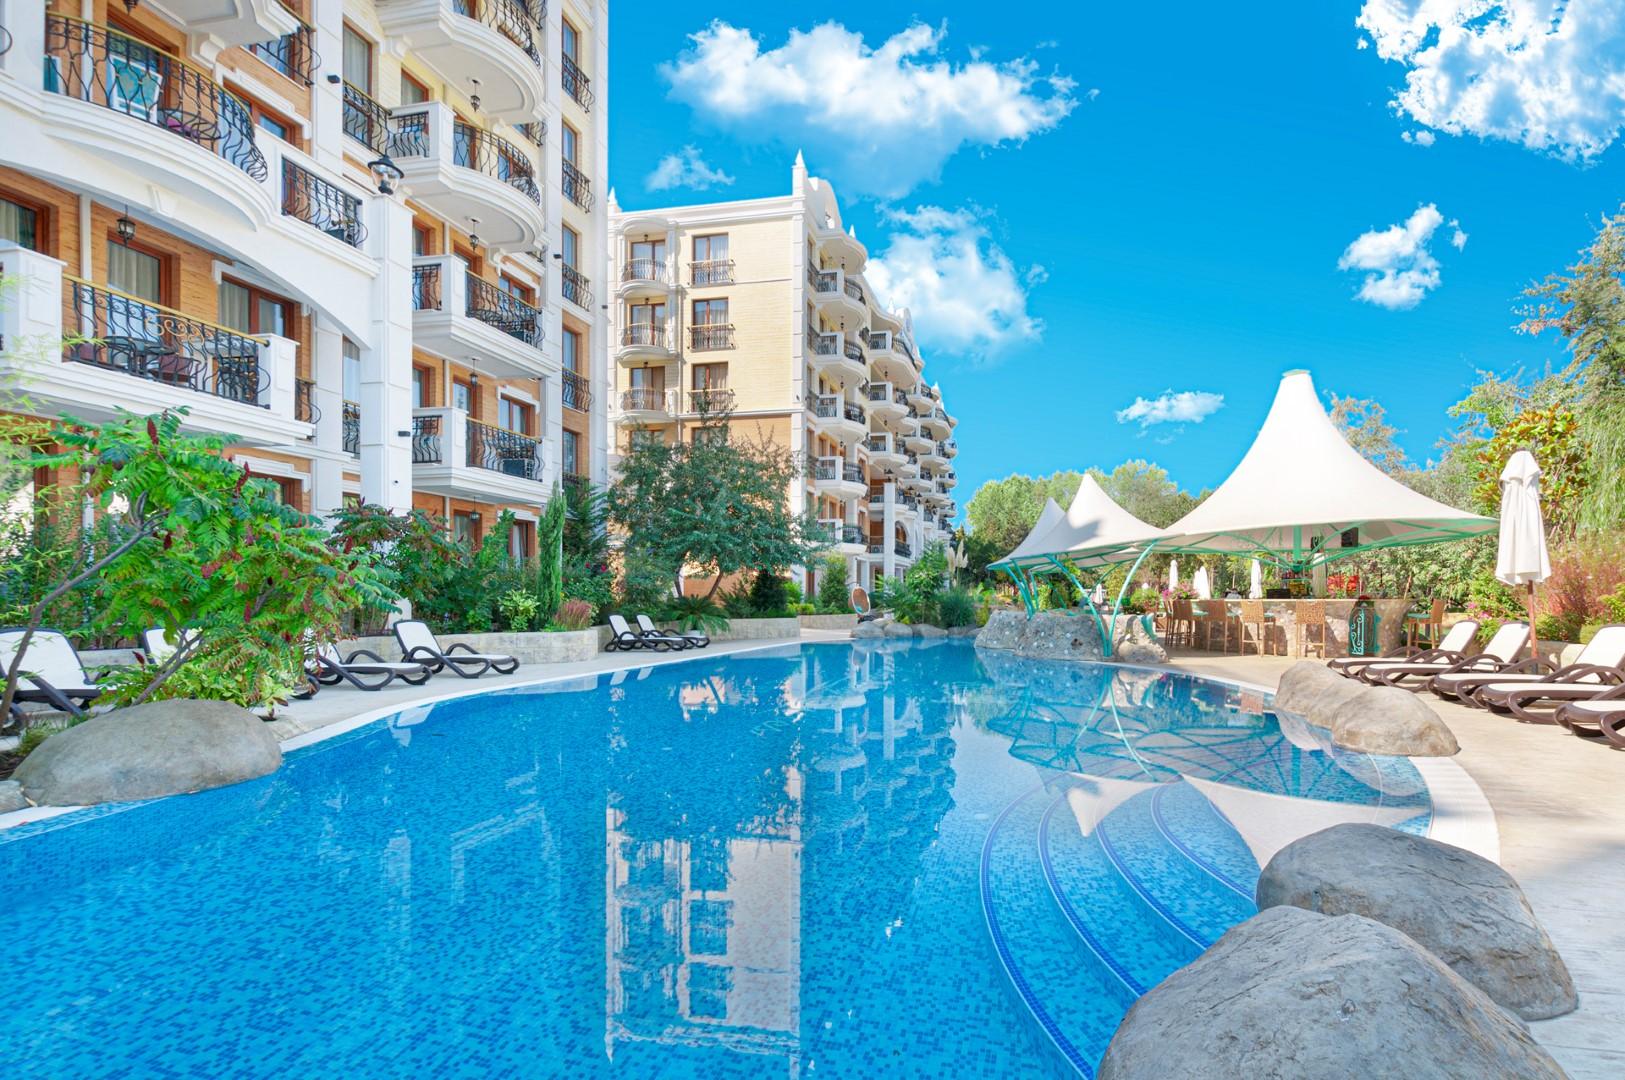 Harmony Suites 11,12 - Grand Resort